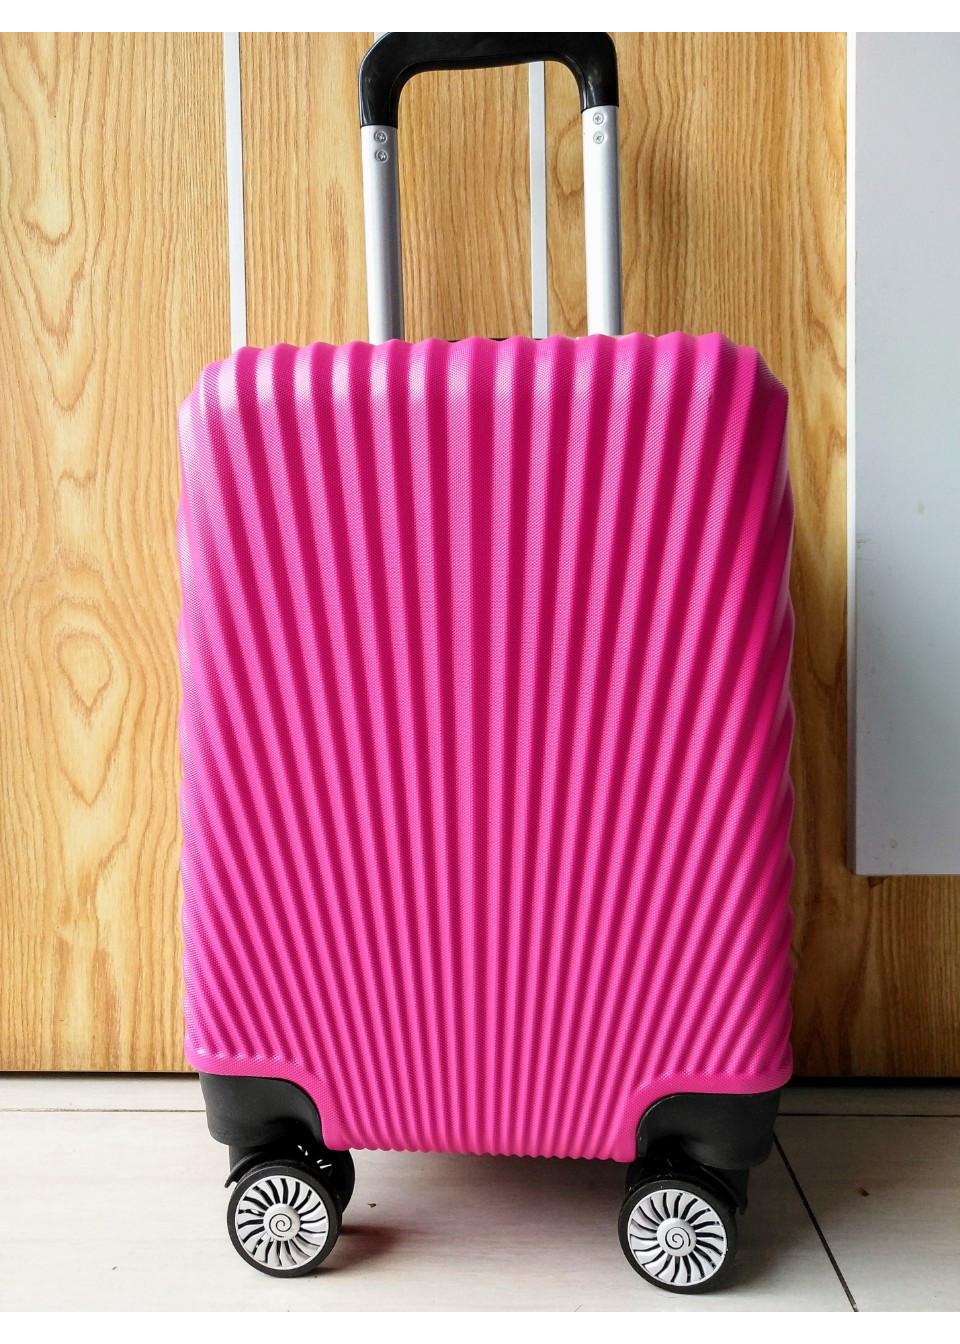 Vali kéo du lịch- Size Cabin- Hành lý xách tay 16inch- Vali nhựa thời trang mẫu mới 2020